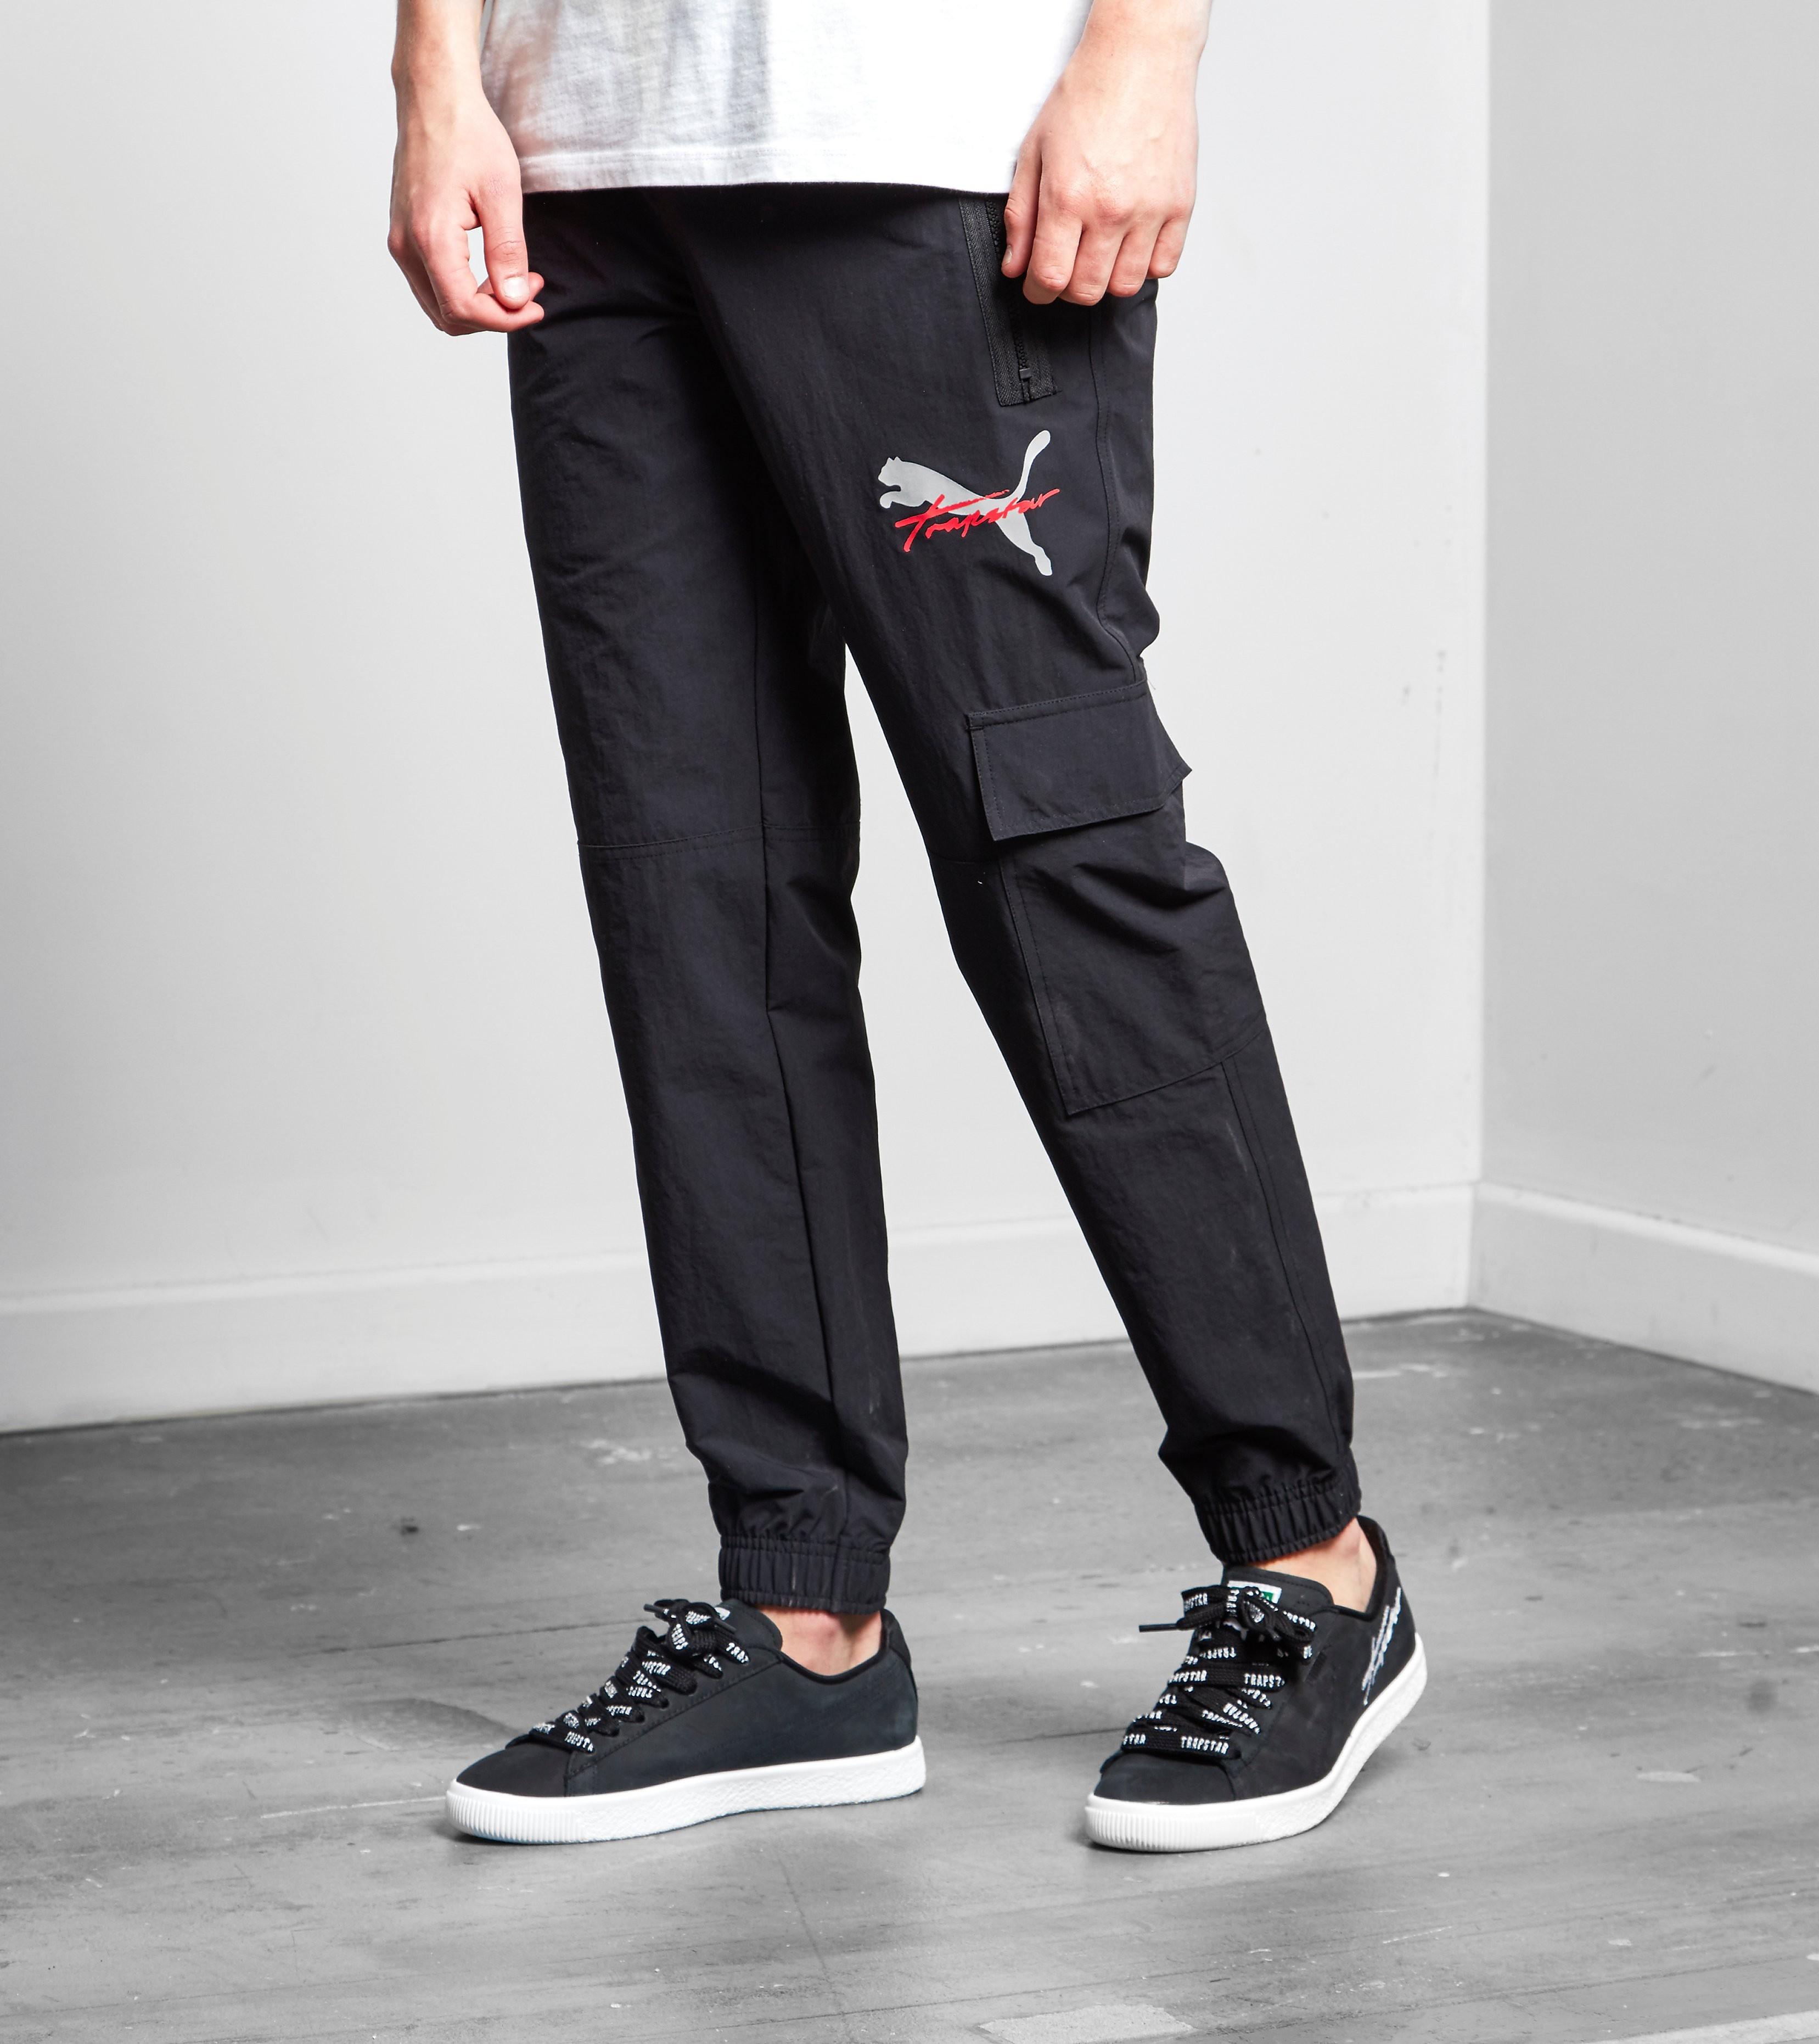 PUMA x Trapstar Track Pants